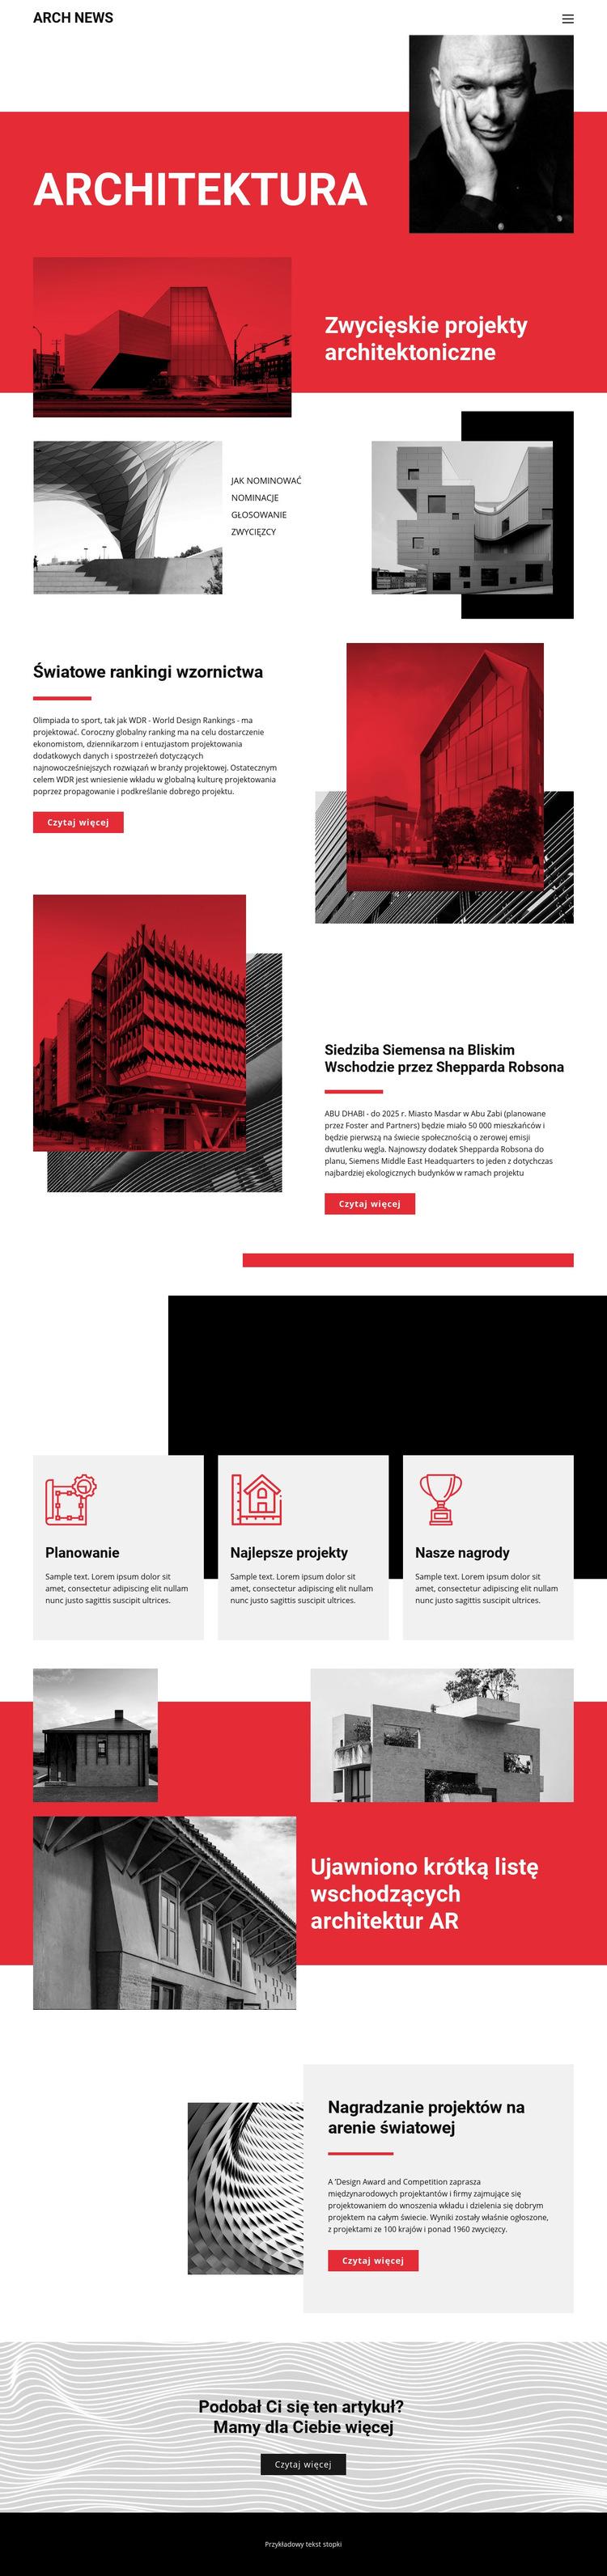 Projektowanie w architekturze Szablon witryny sieci Web